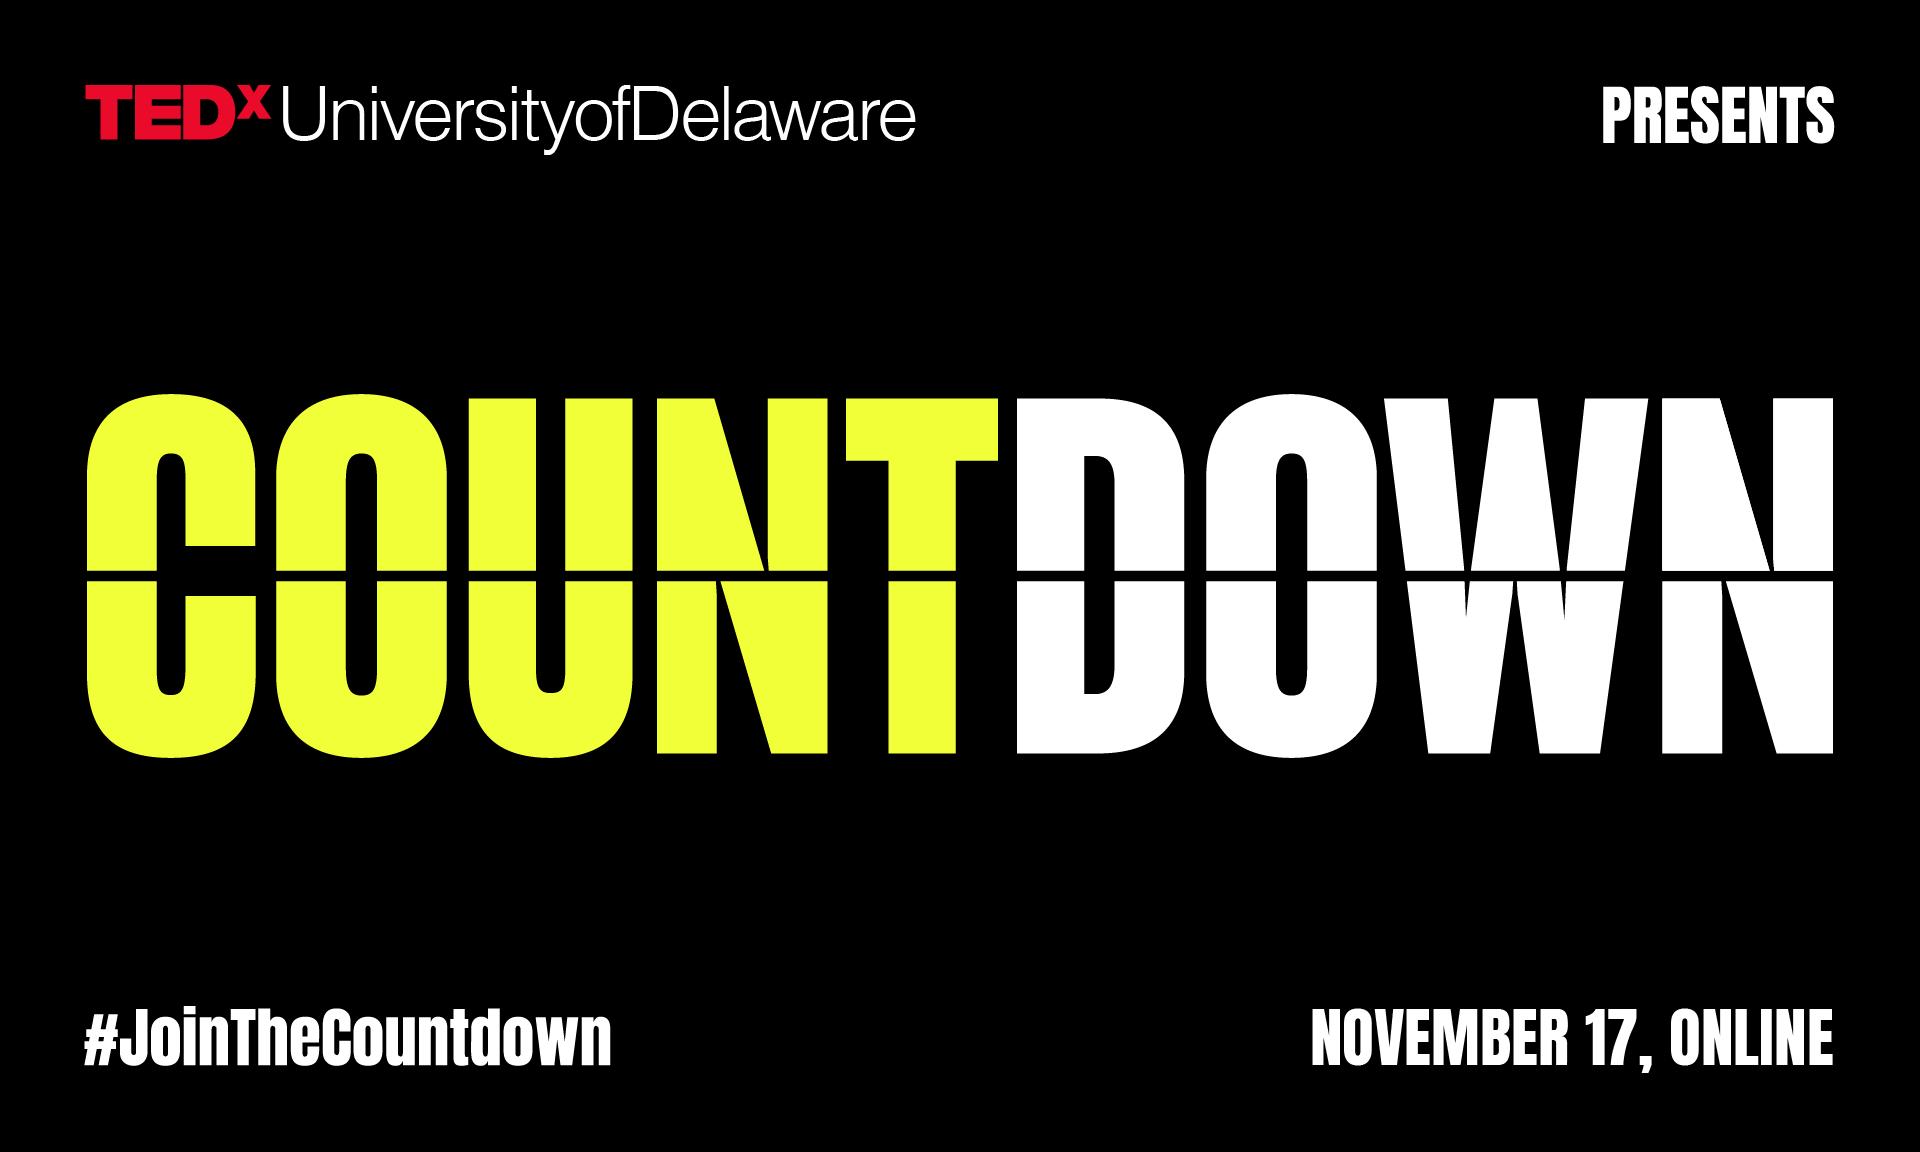 TEDxUniversityofDelaware Countdown, November 17, Online